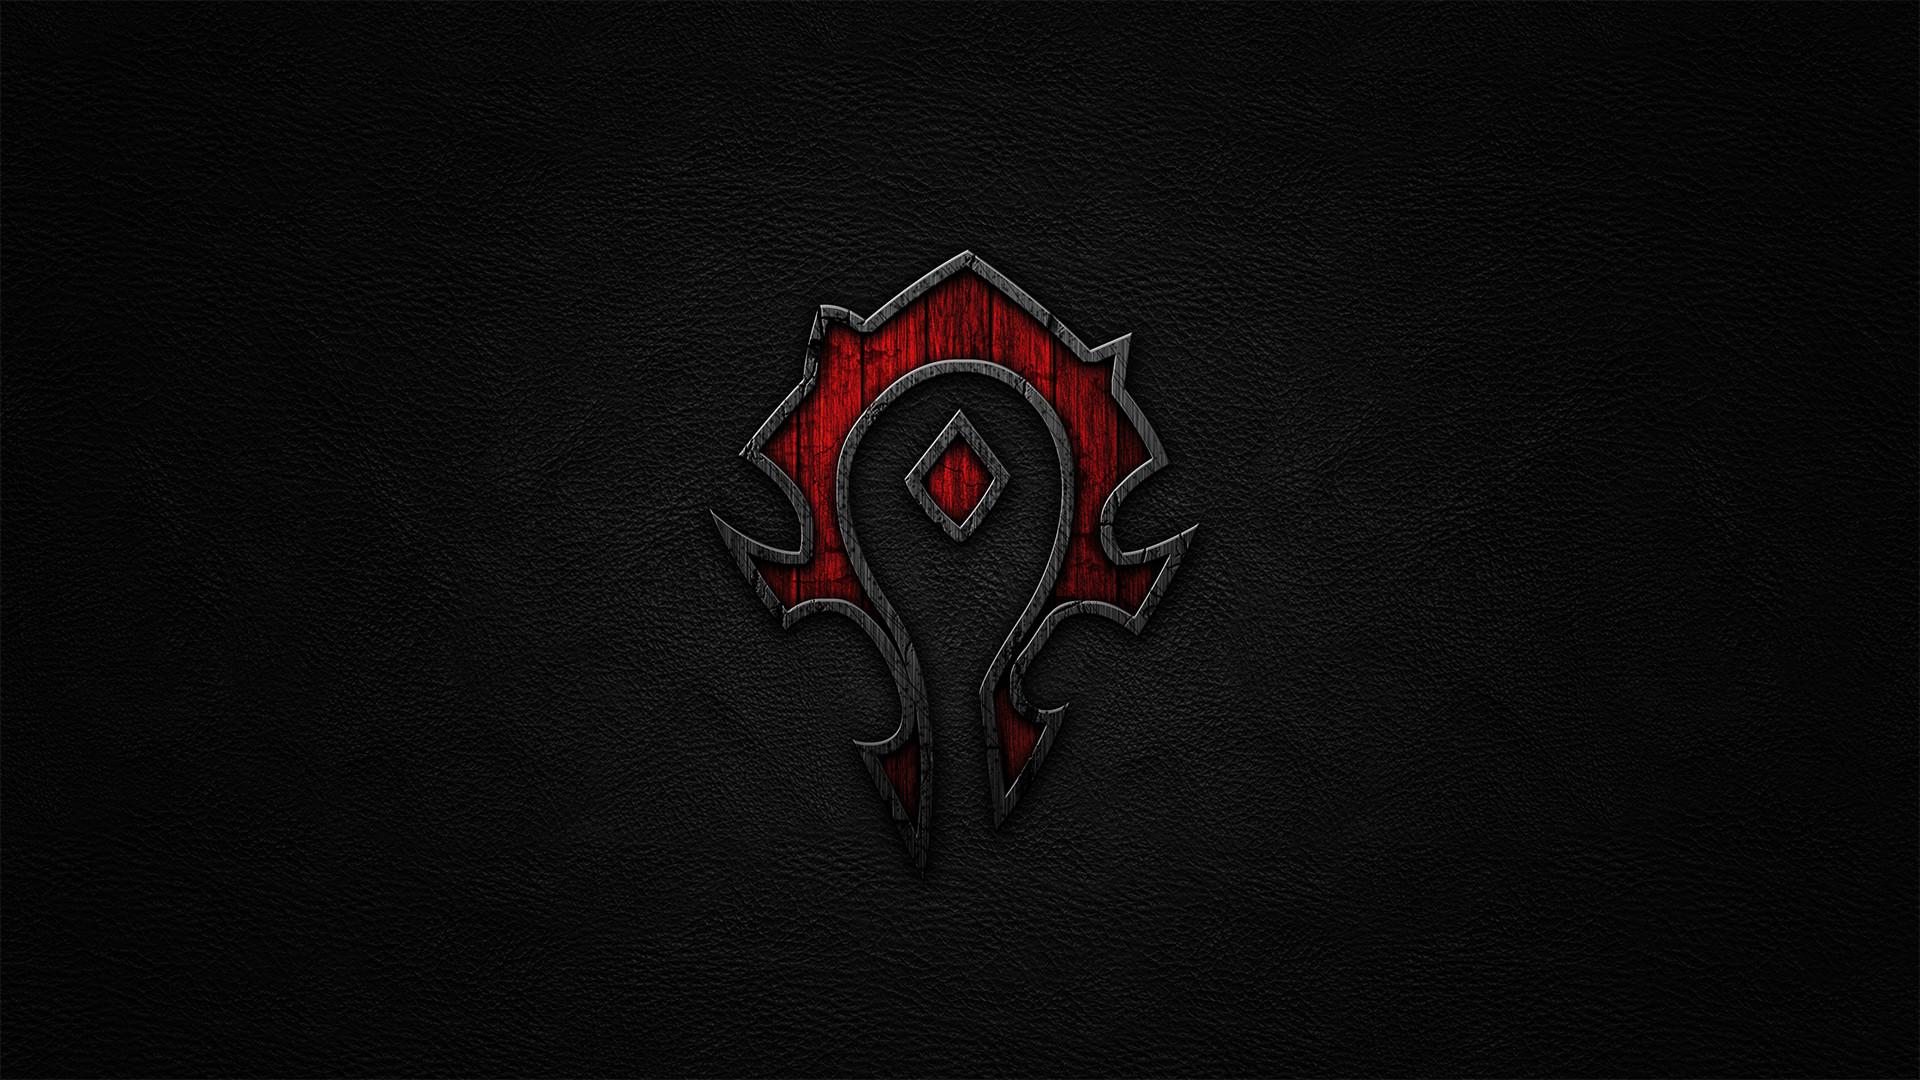 horde logo wallpaper ·①